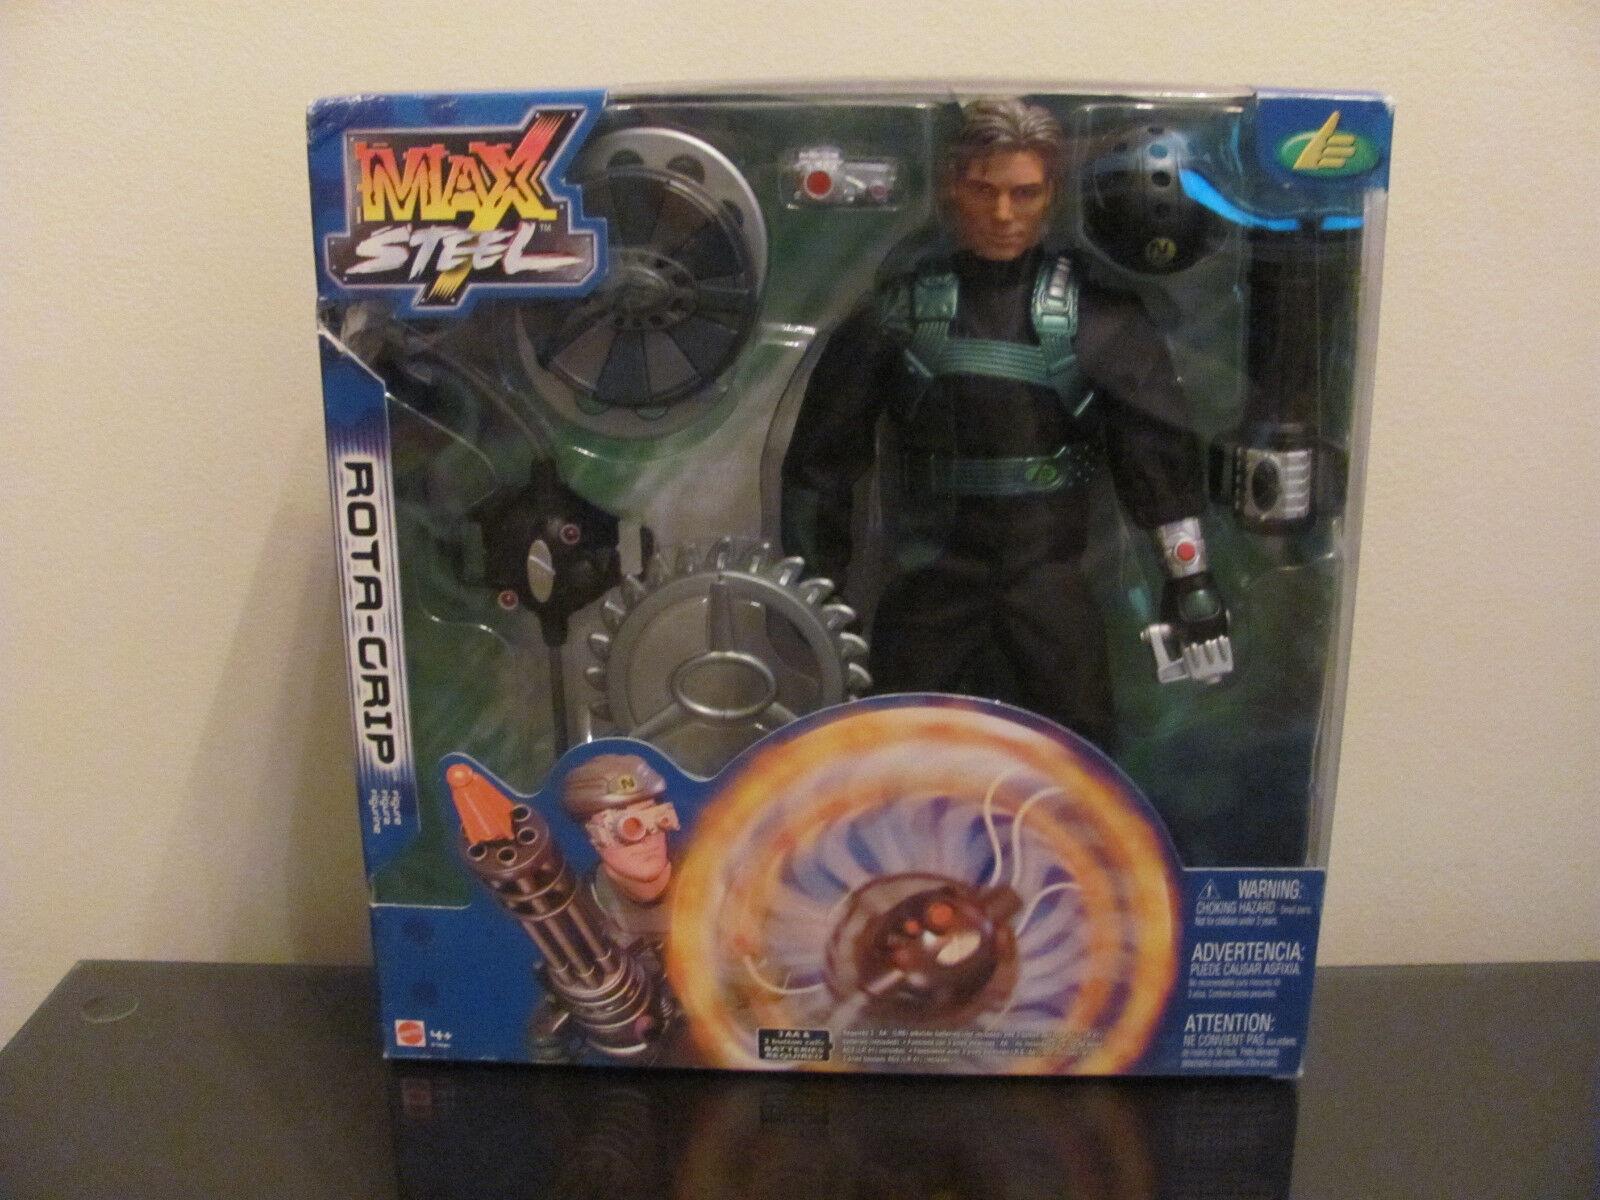 RARE HTF nuovo IN scatola MAX STEEL rossoA GRIP azione  cifra 12  Mattel 2002  vieni a scegliere il tuo stile sportivo